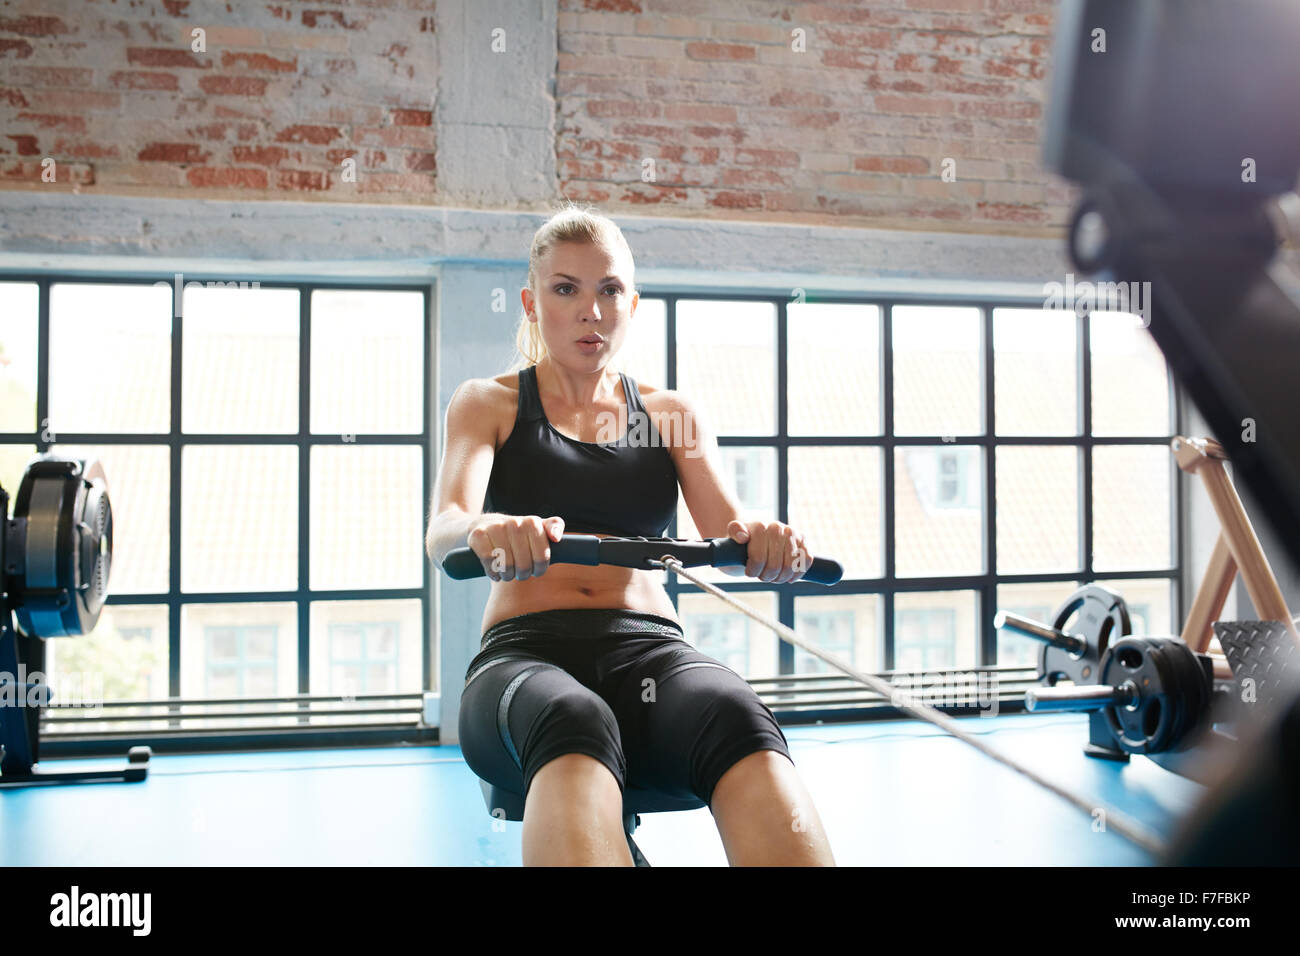 Femmina caucasica utilizzando vogatore in palestra. Giovane donna facendo cardio allenamento nel centro fitness. Immagini Stock